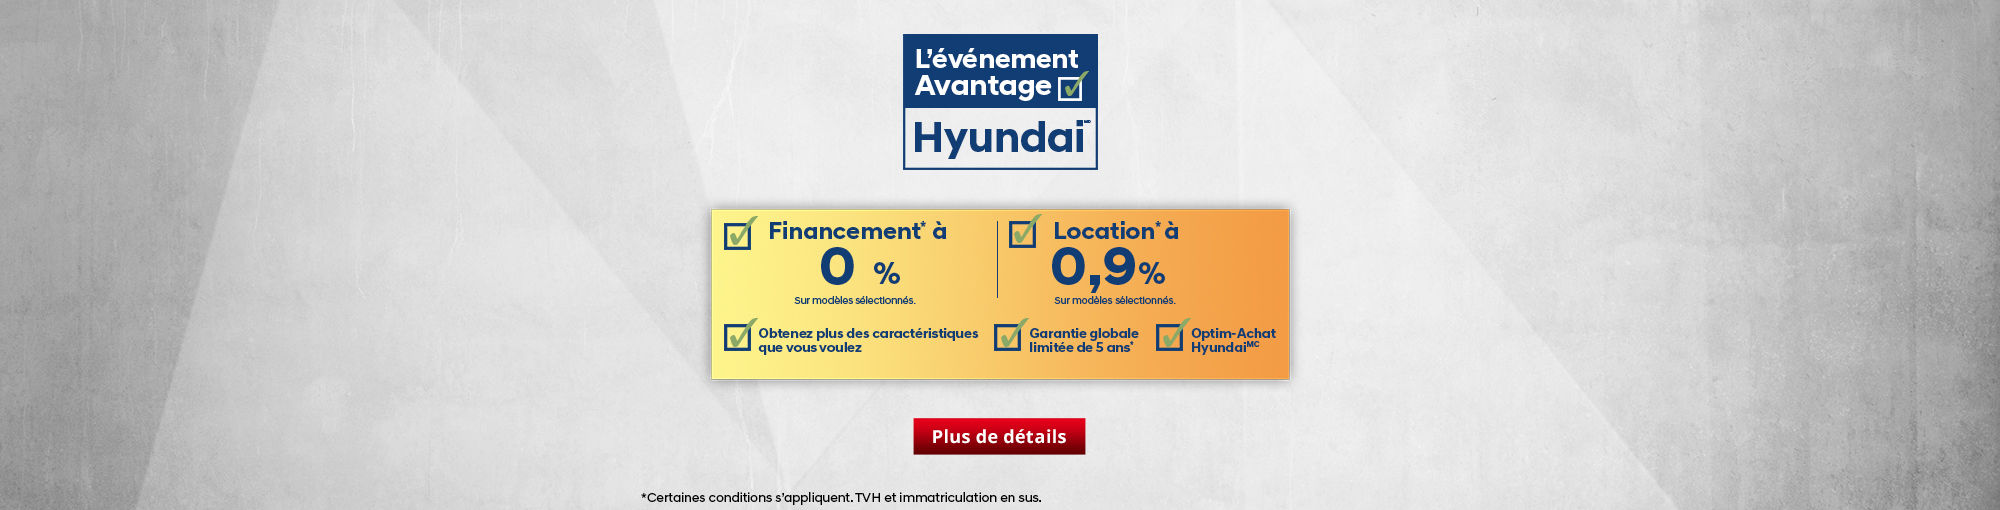 L'événement Avantage Hyundai